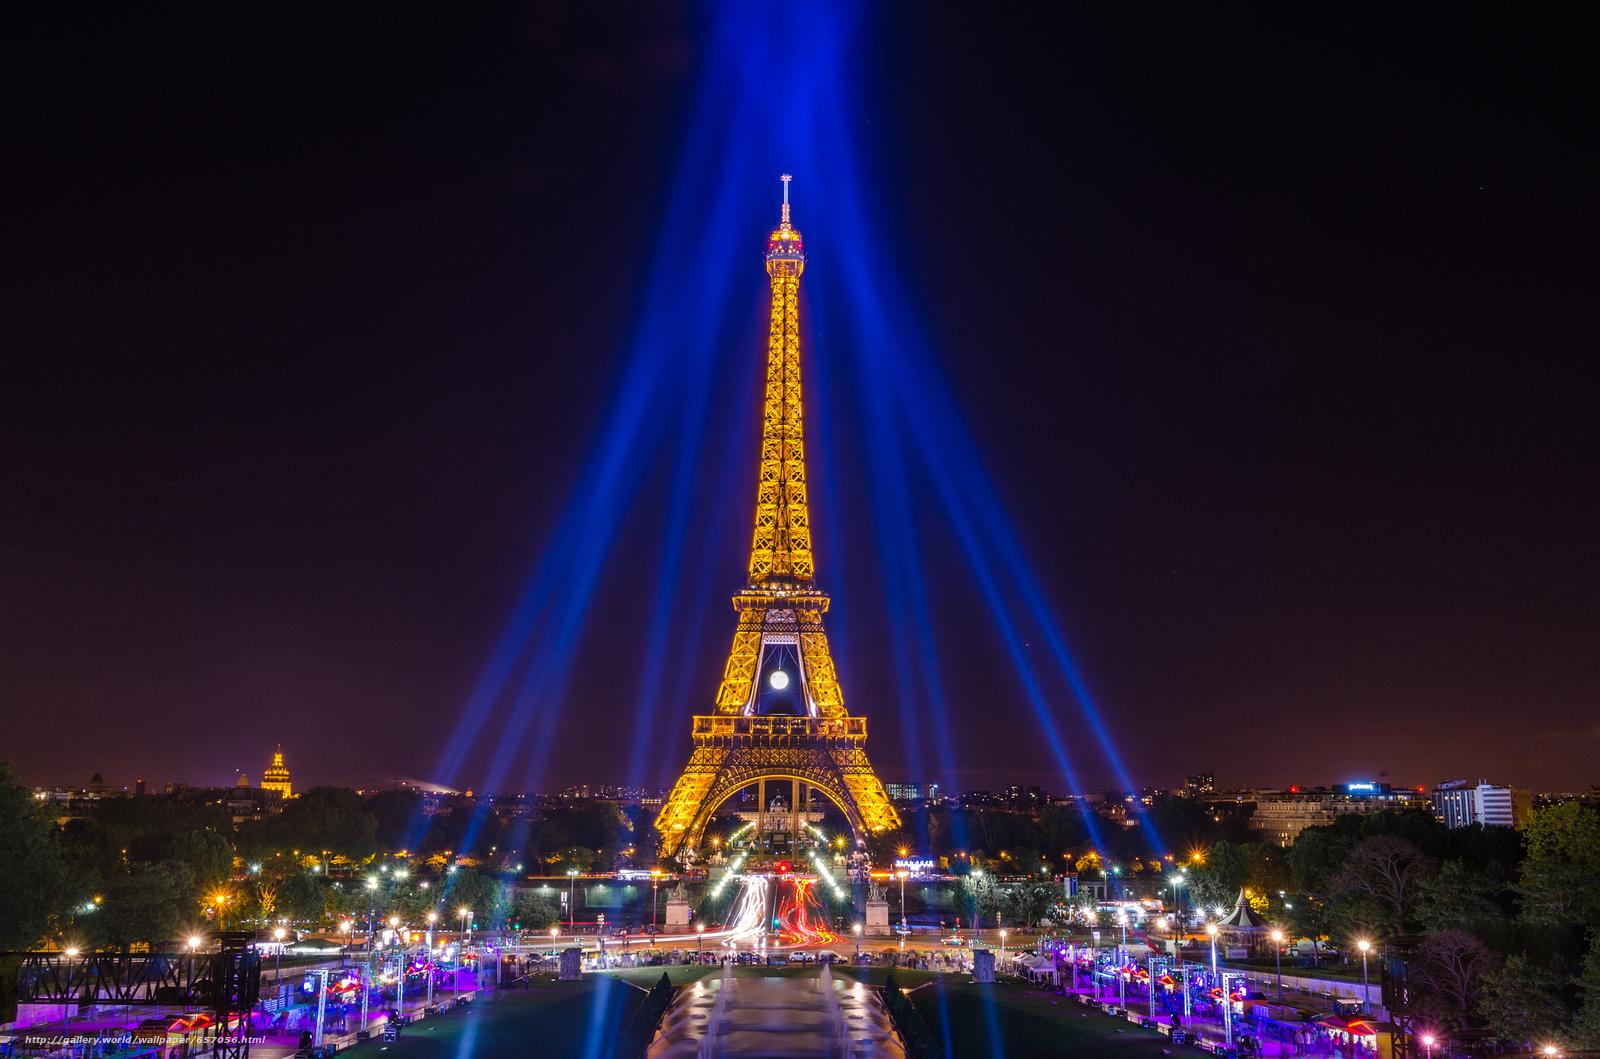 pobra tapety Wieża Eiffla,  Paryż,  Francja,  Wieża Eiffla Darmowe tapety na pulpit rozdzielczoci 2048x1356 — zdjcie №657056